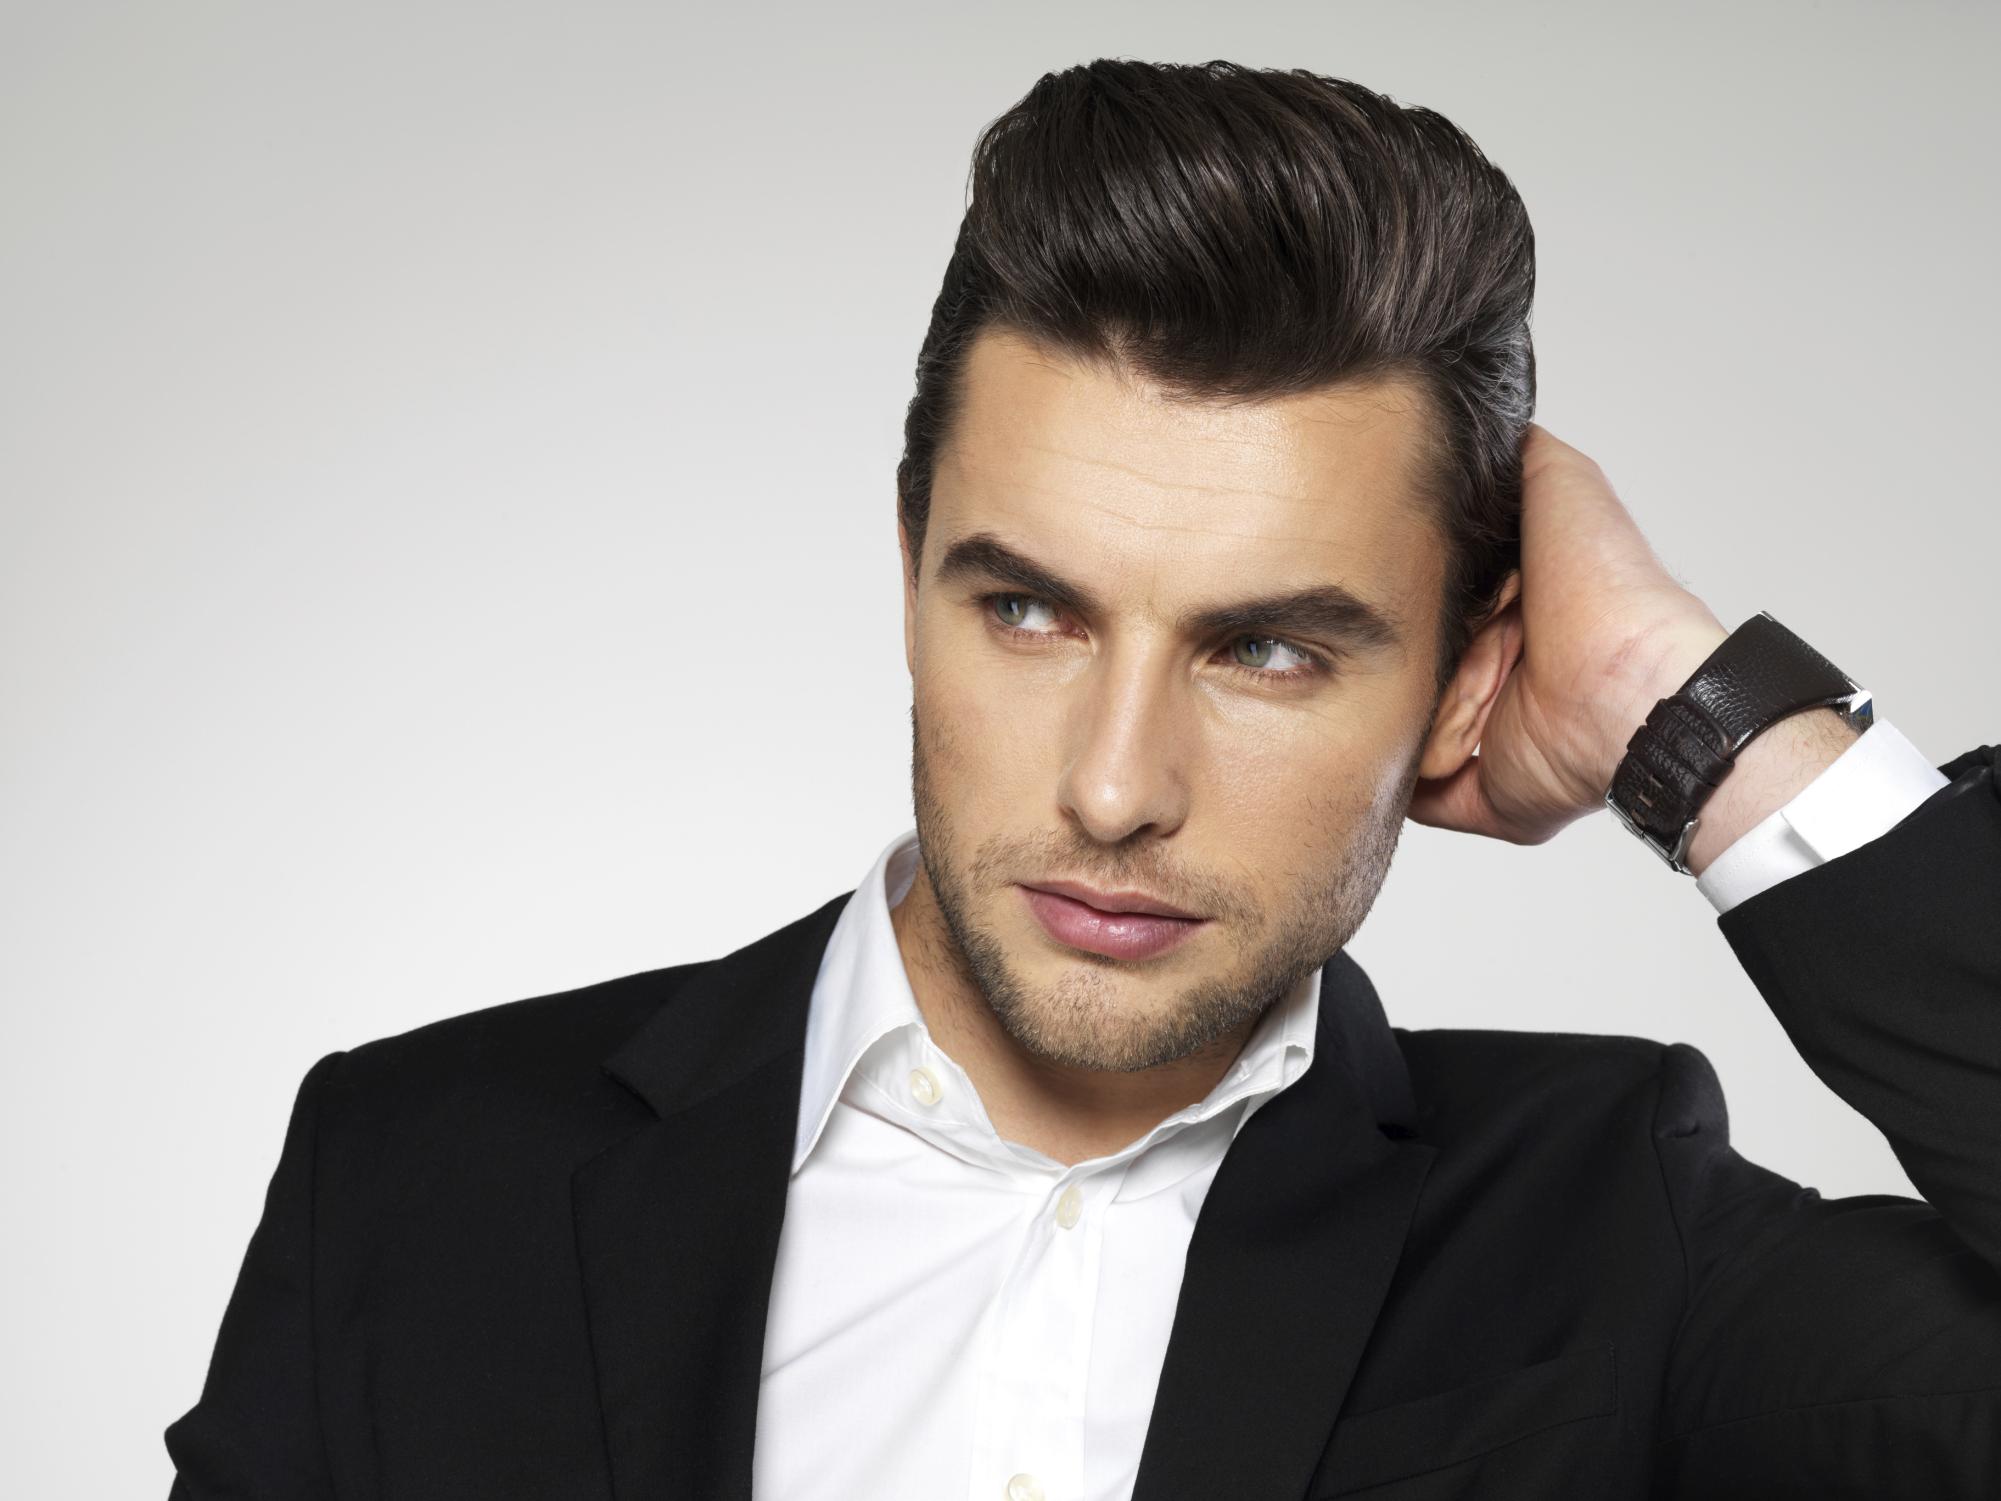 Coiffure homme  quelle coiffure choisir quand on a les